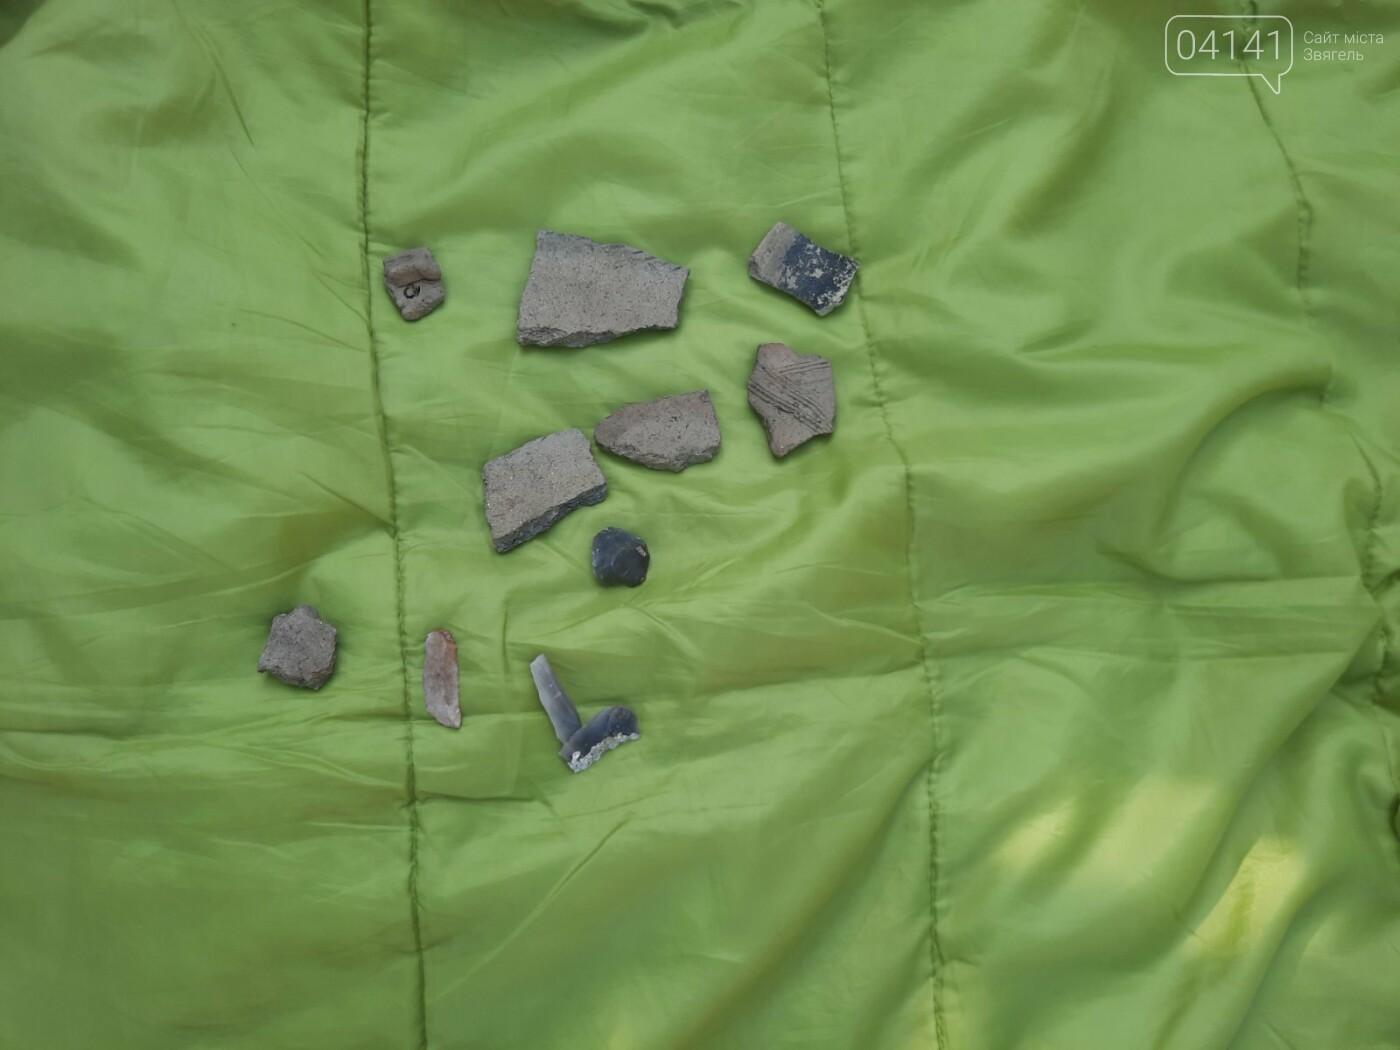 Залишки давнього поселення бронзової доби виявили на Новоград-Волинщині , фото-8